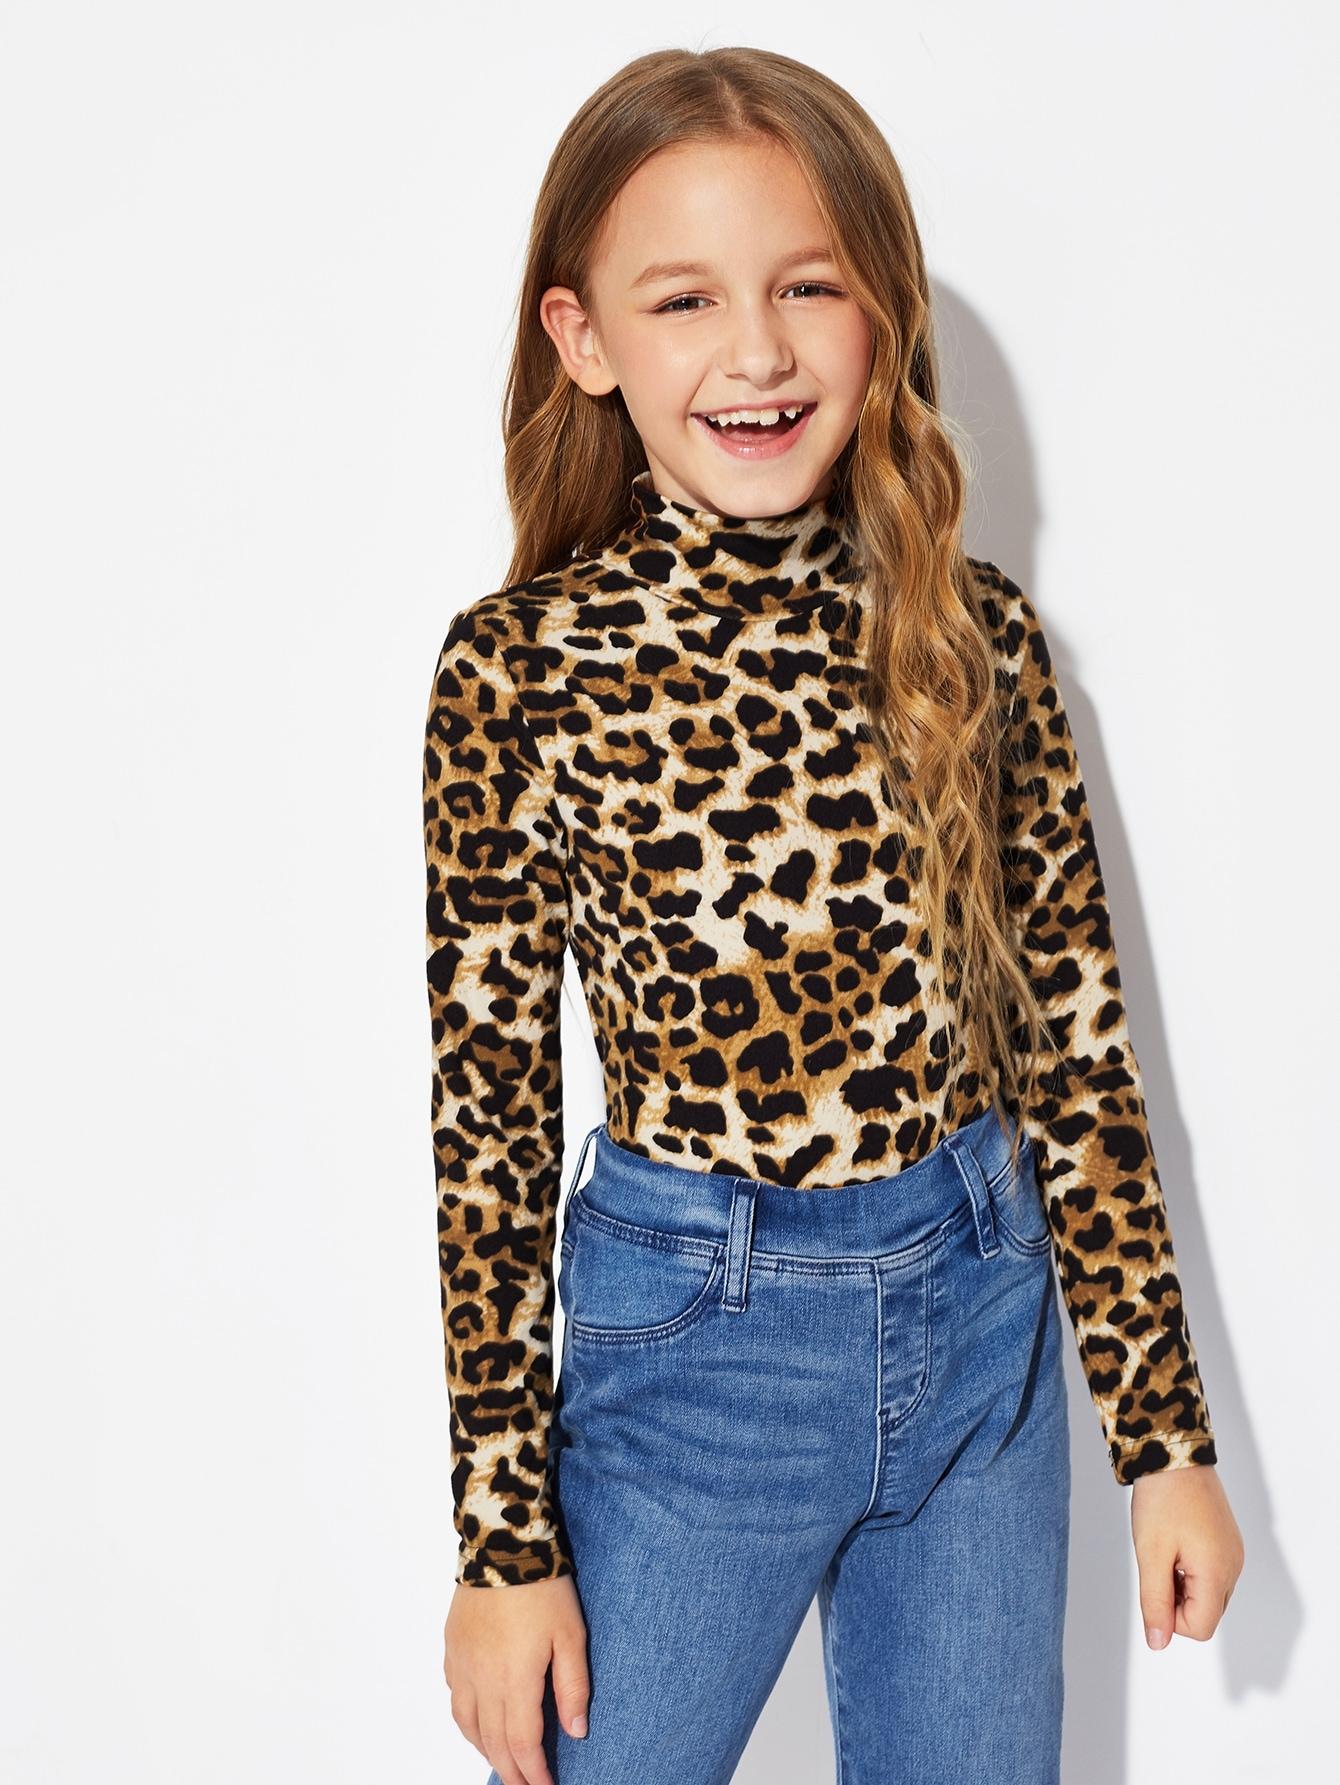 Купить Леопардовая футболка состоячим вырезом для девочек, Sashab, SheIn